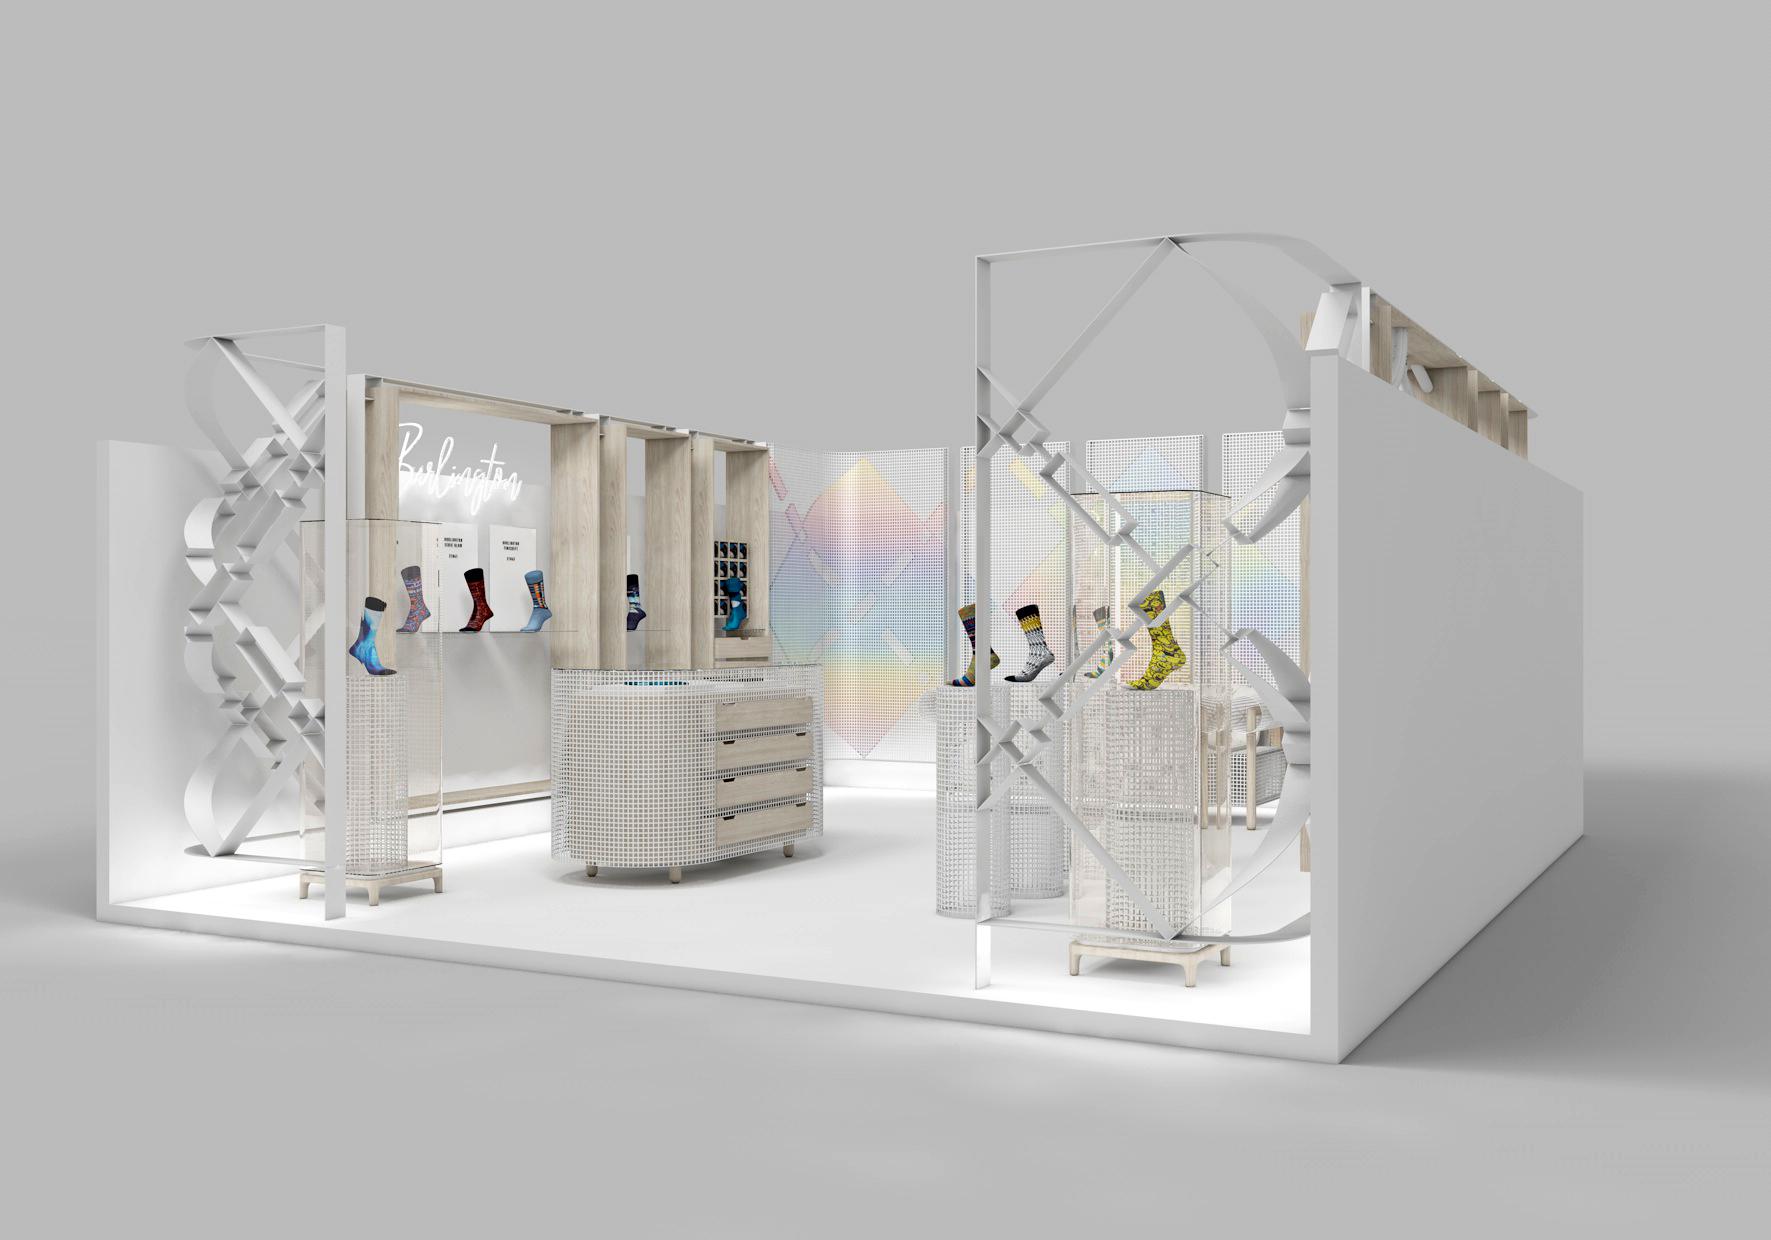 burlington-exhibition-stand-2